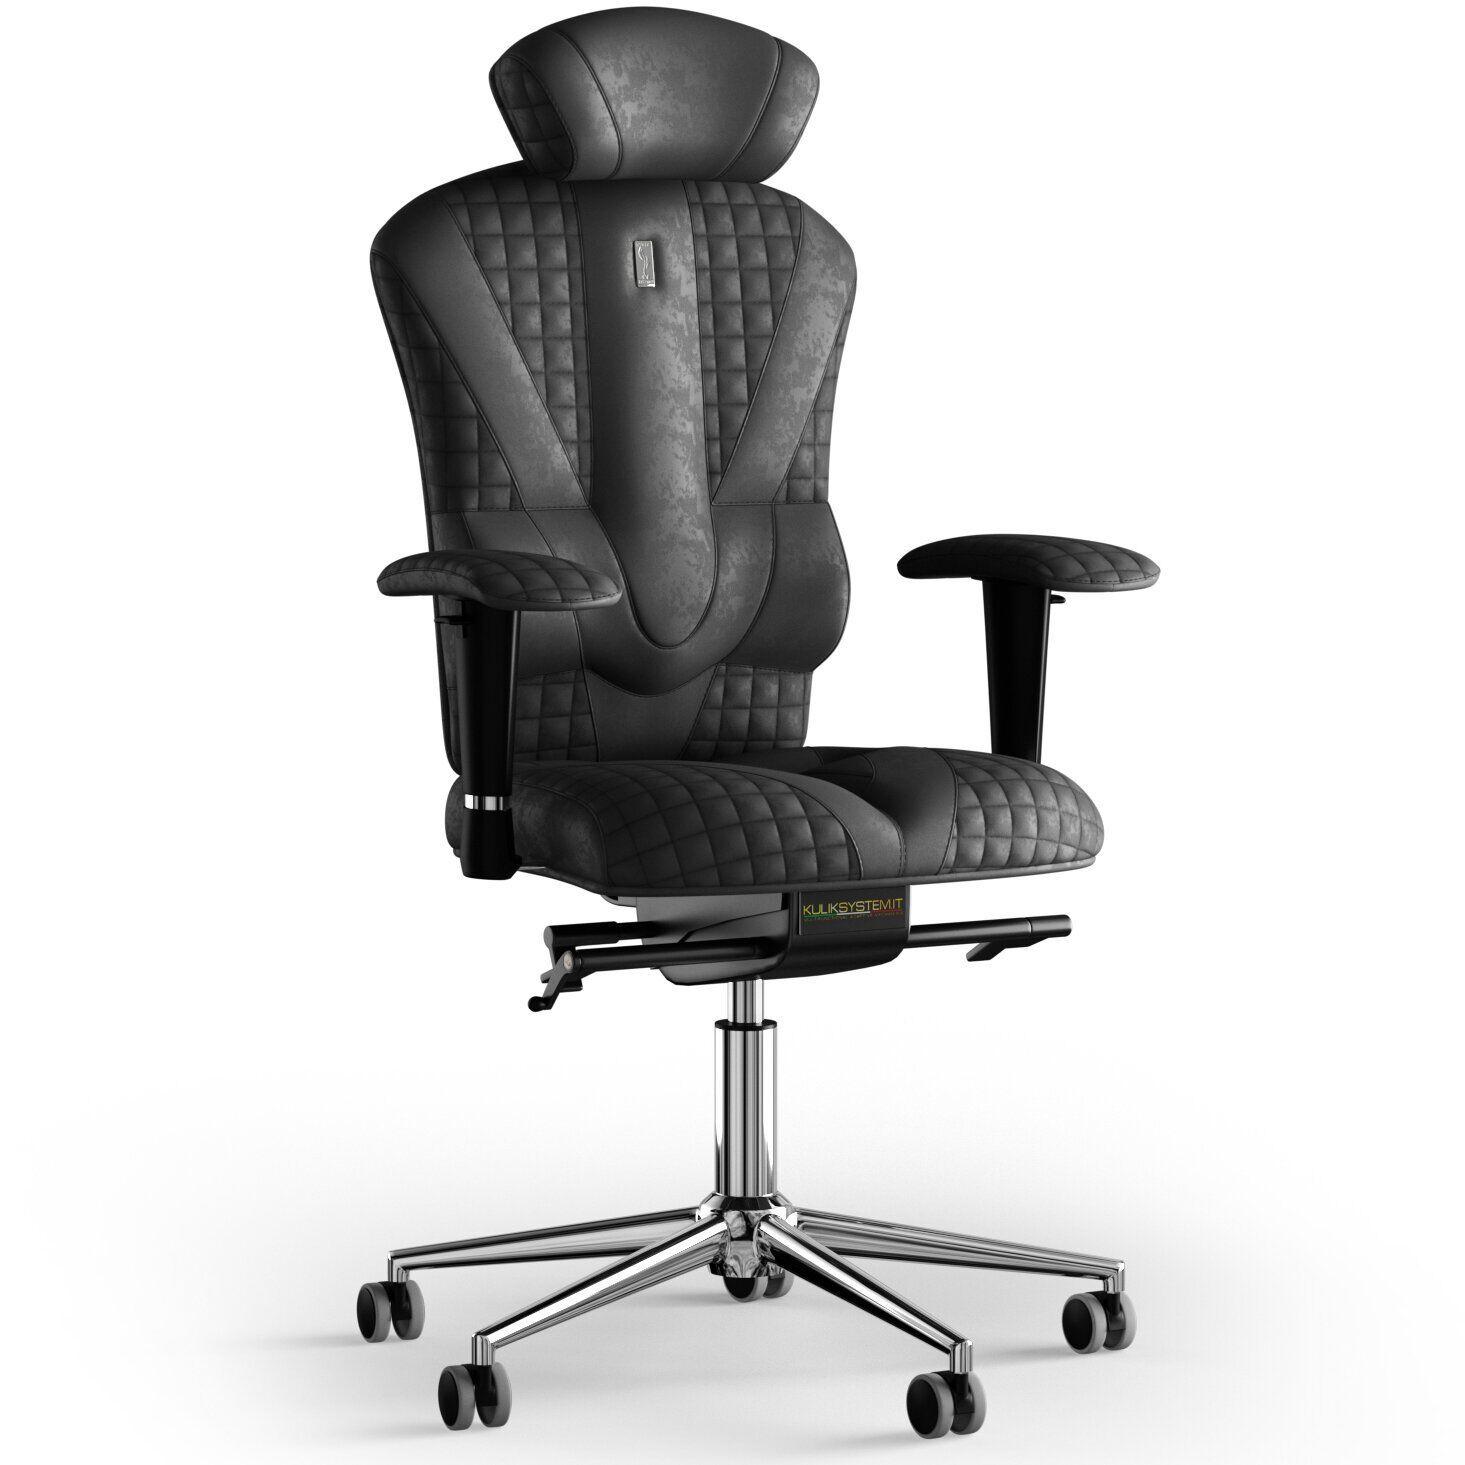 Кресло KULIK SYSTEM VICTORY Антара с подголовником со строчкой